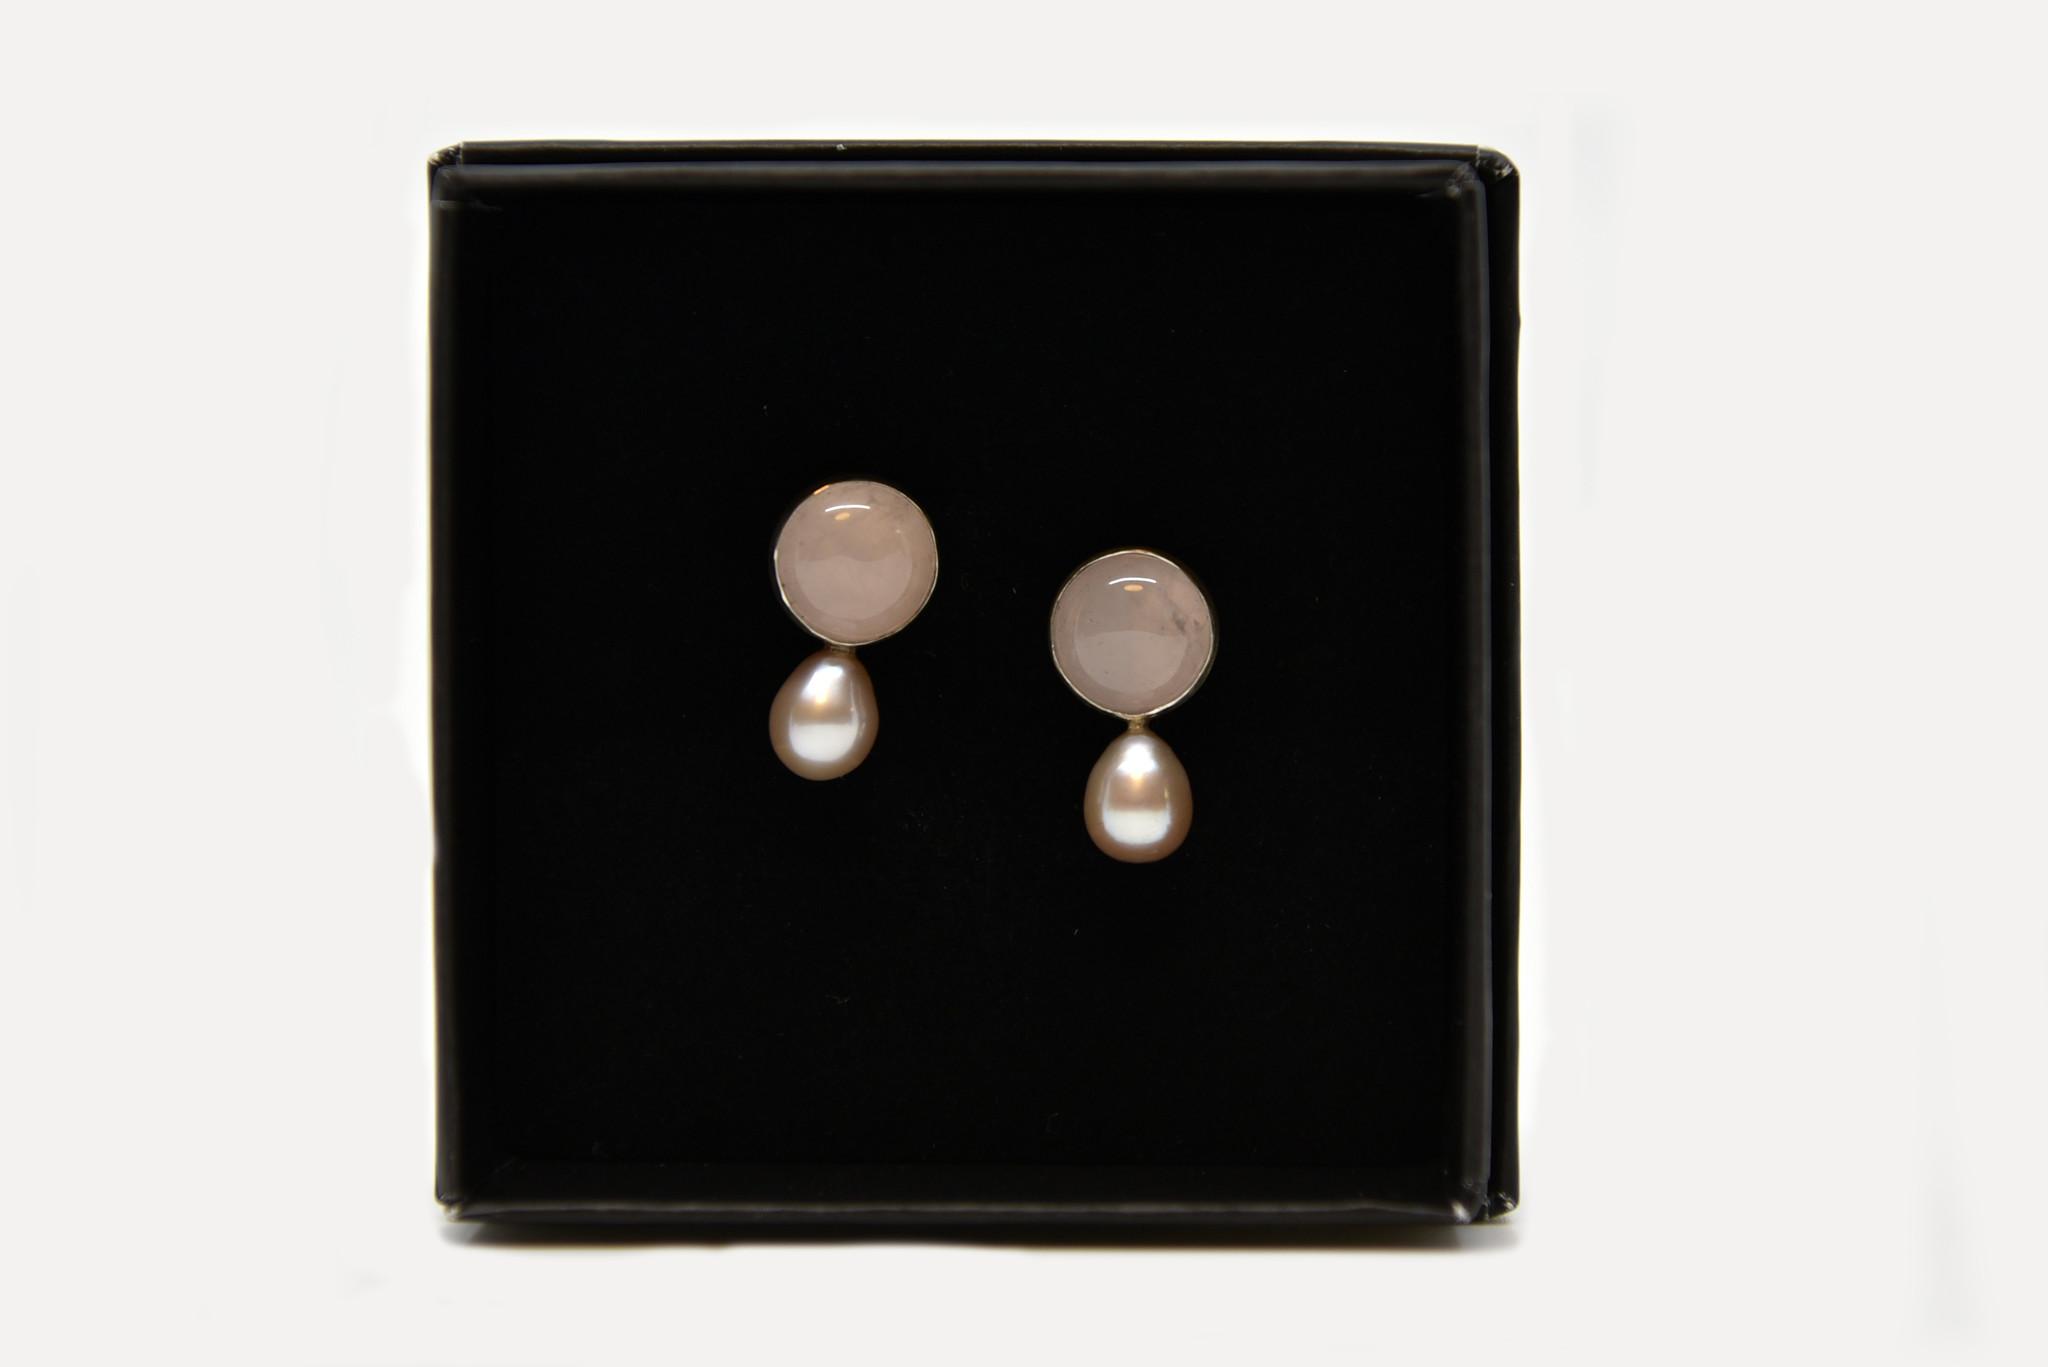 Onis Unieke zilveren oorbellen met rozekwarts en zilveren zoetwaterparels - Onis